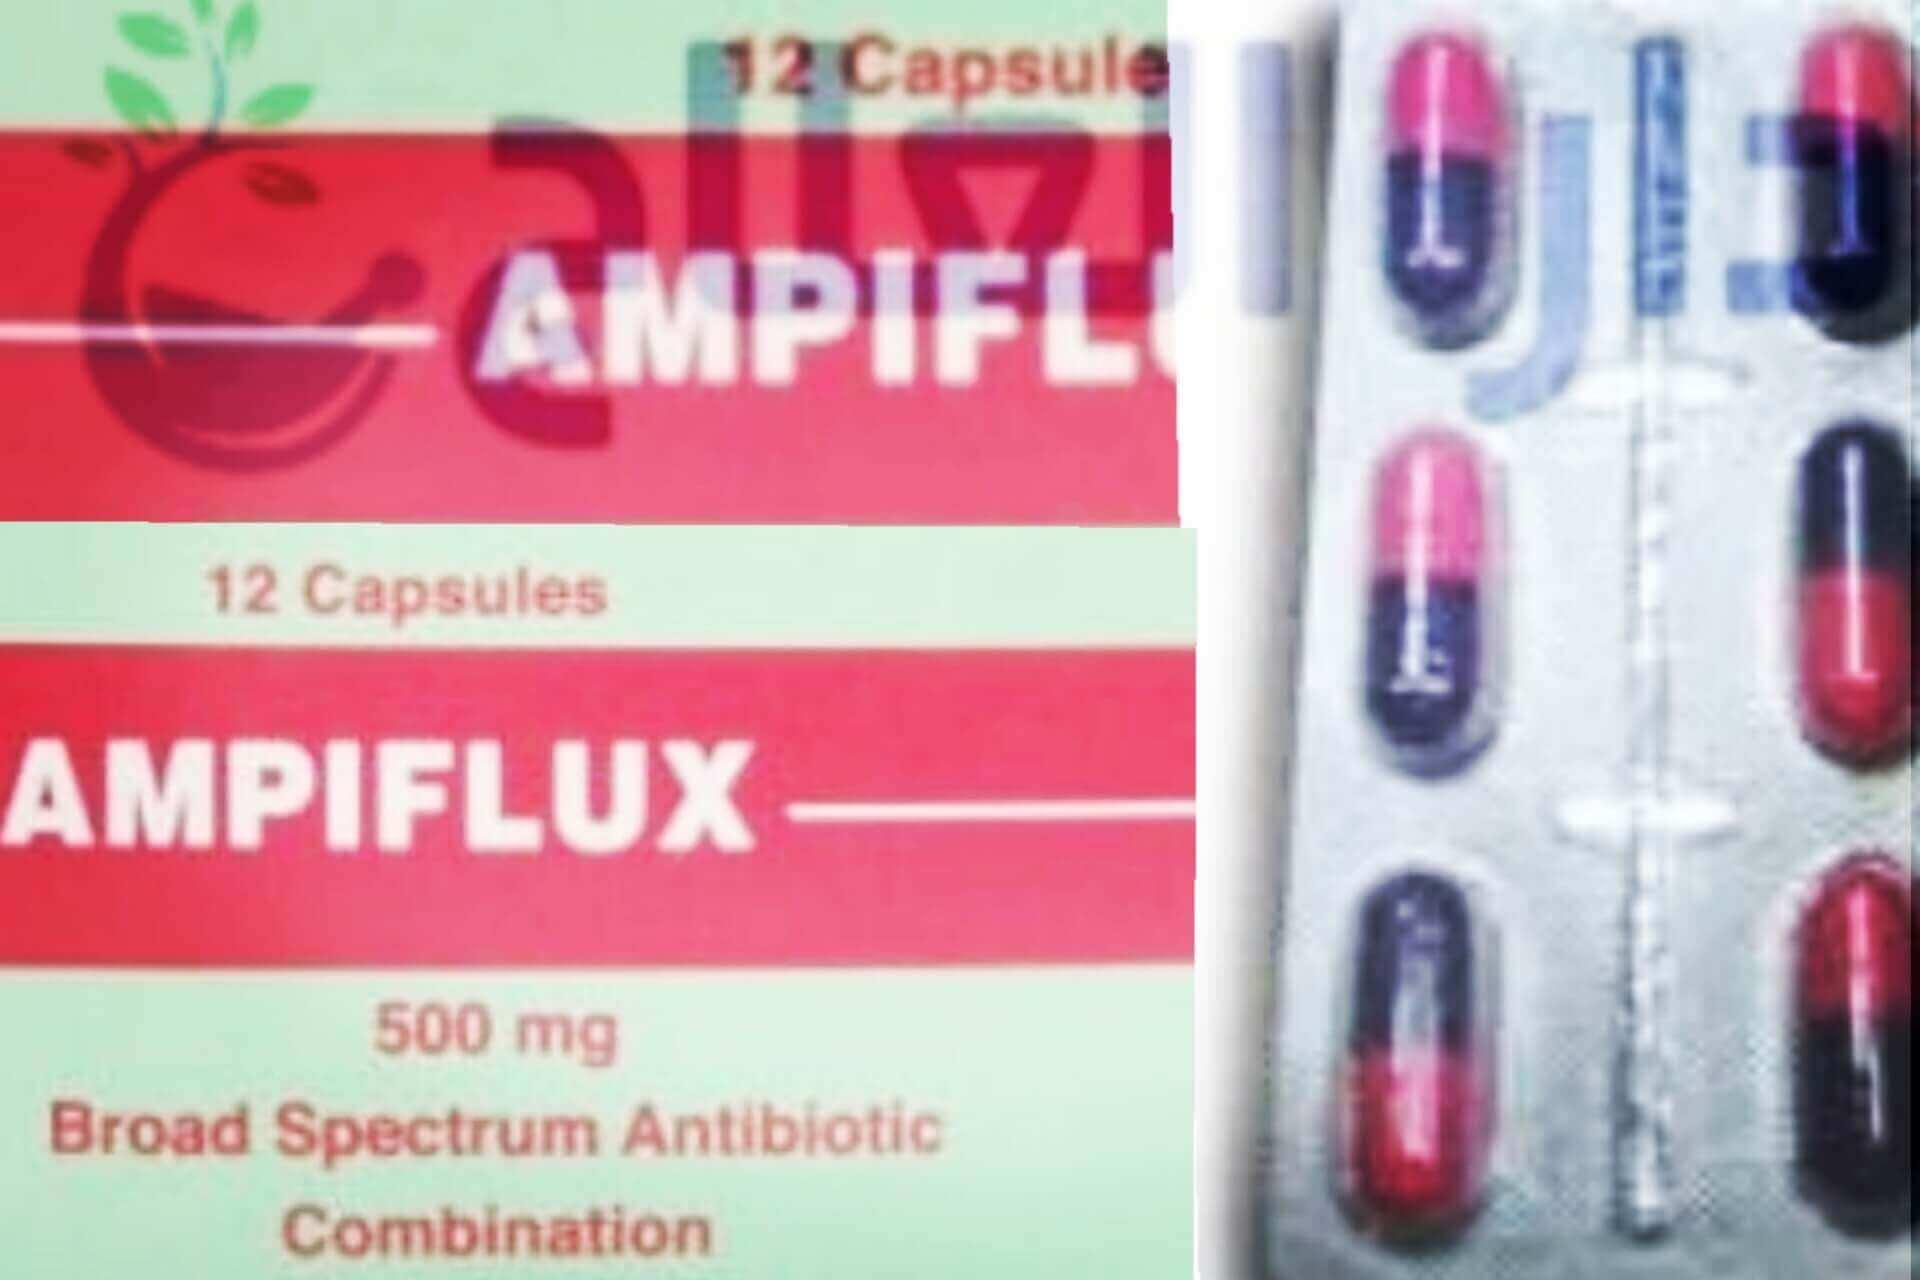 امبيفلوكس - اقراص امبيفلوكس- دواء امبيفلوكس - امبيفلوكس اقراص - برشام امبيفلوكس - علاج امبيفلوكس - ampiflux